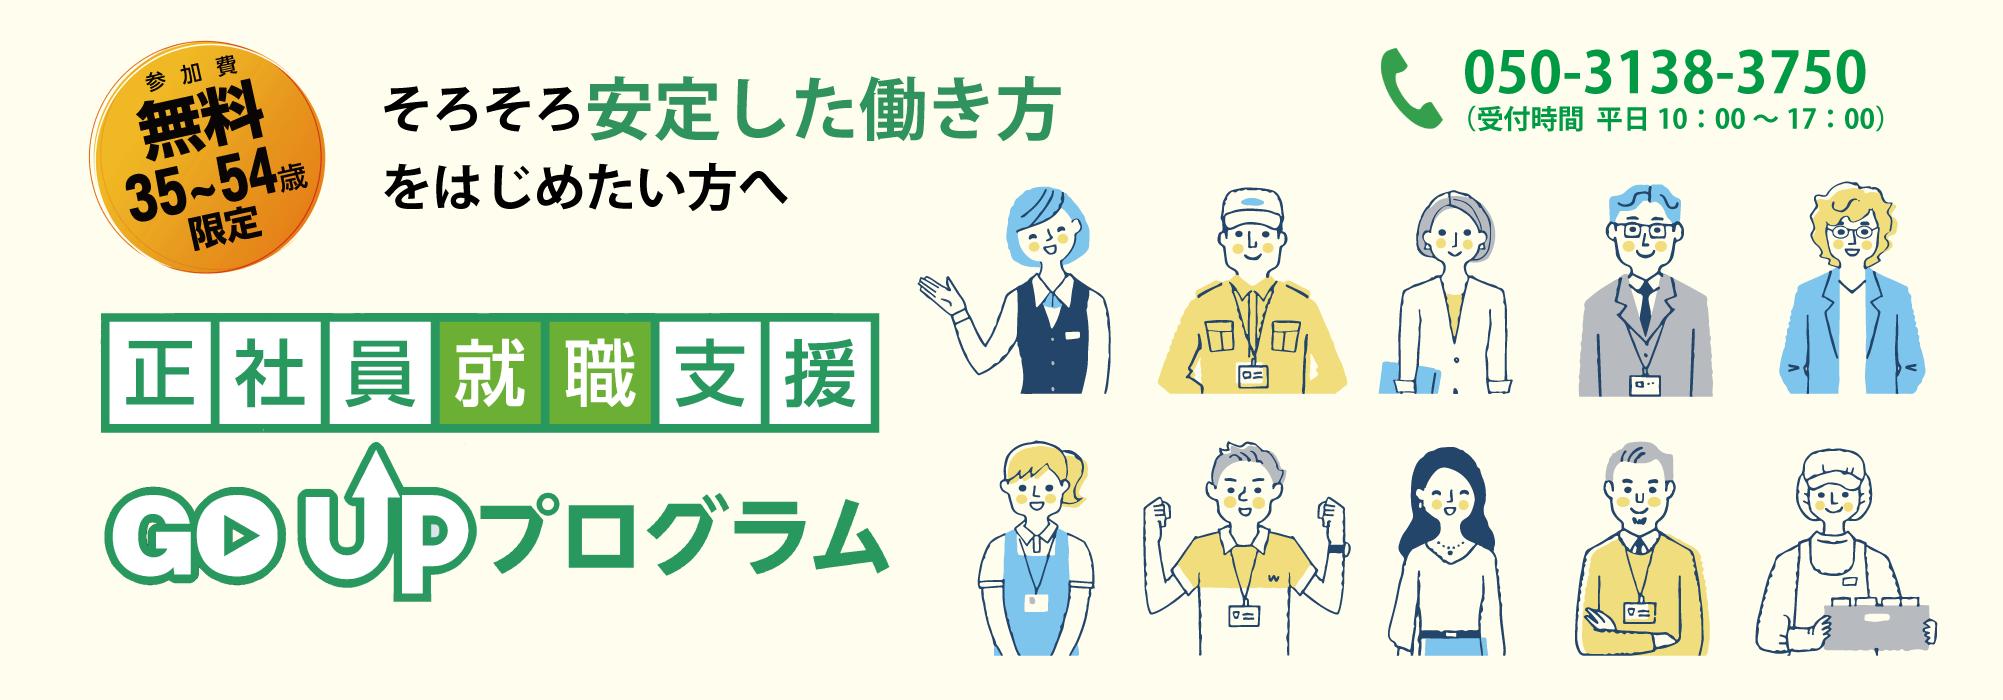 20210613メインビジュアル東京